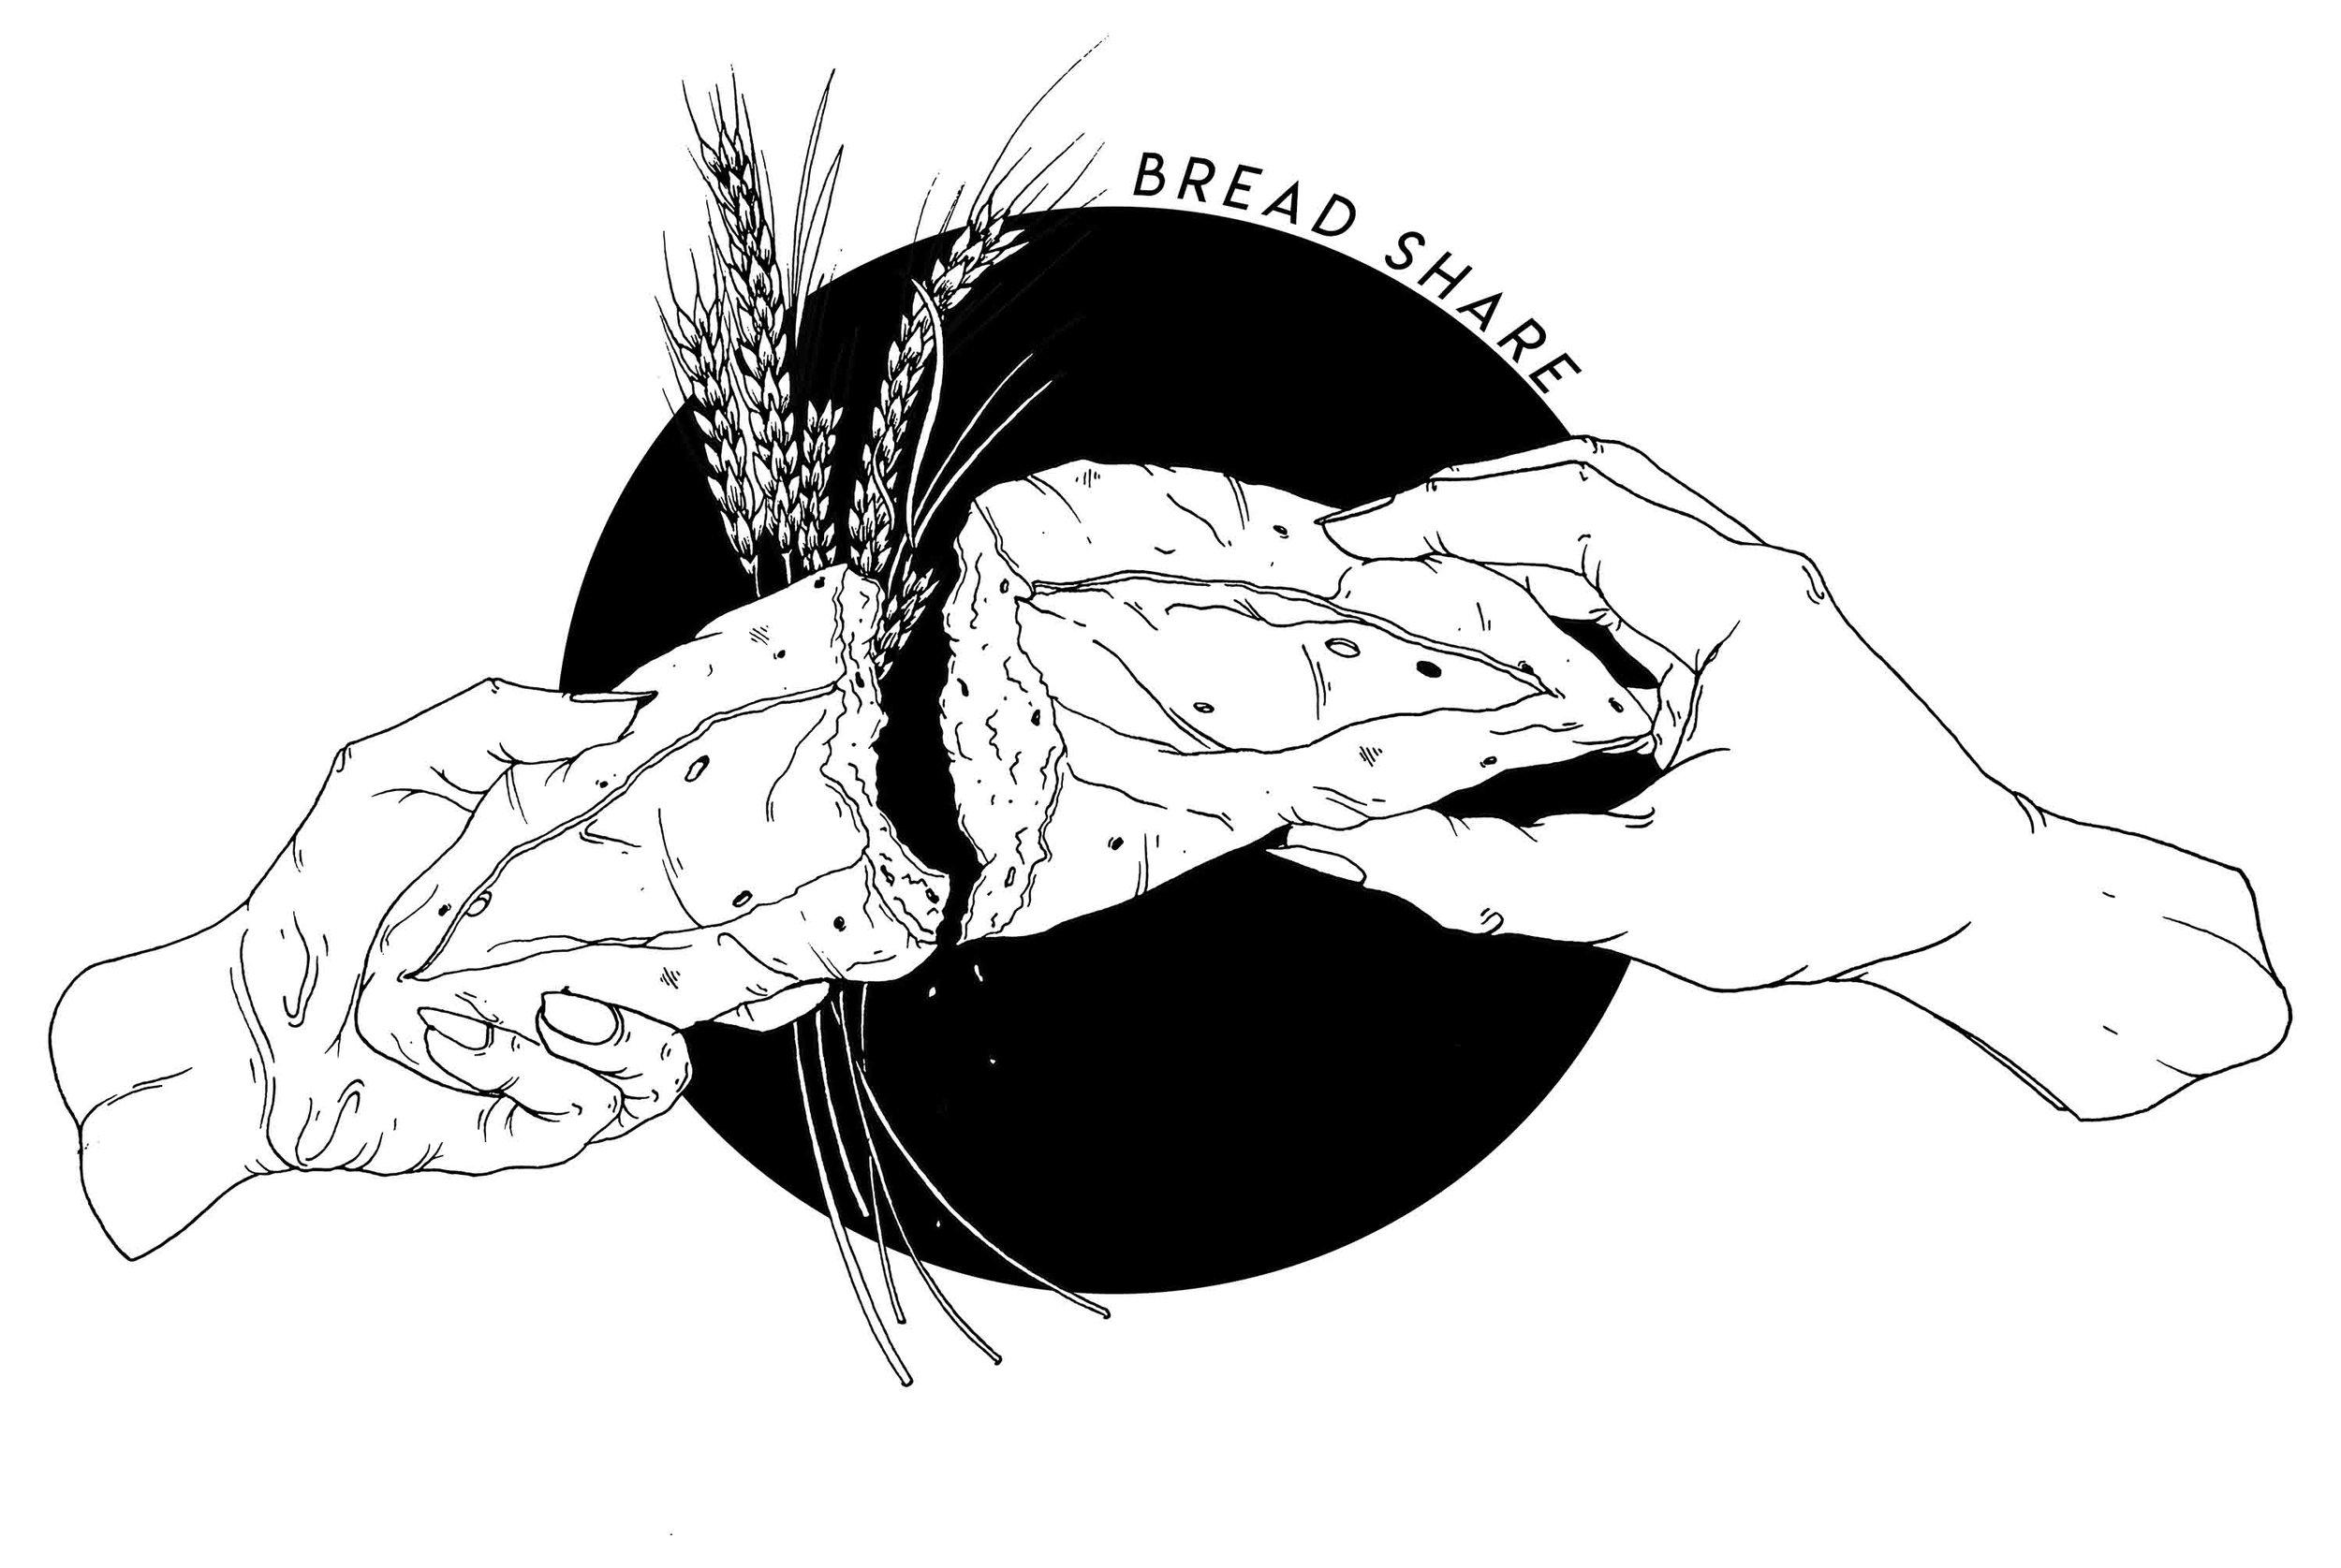 breakbread copy1.jpg